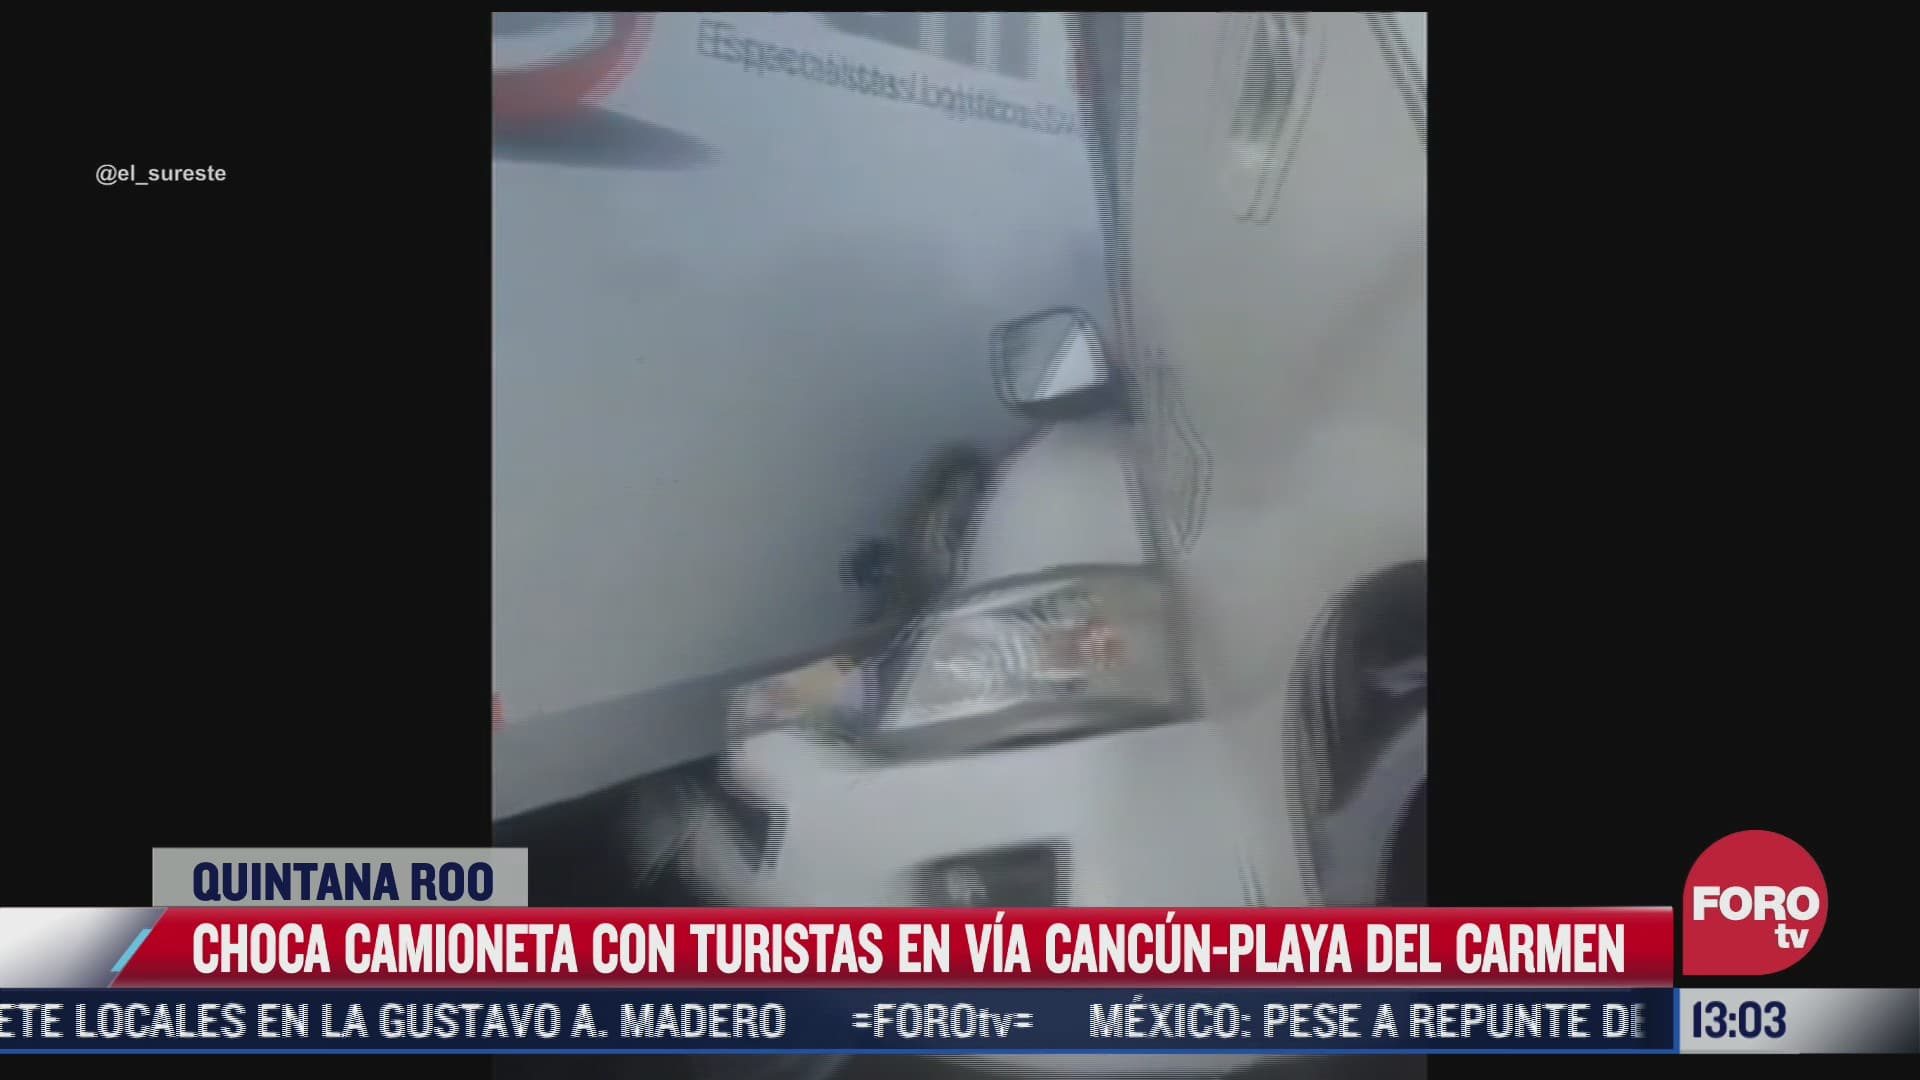 choca camioneta con turistas en via cancun playa del carmen